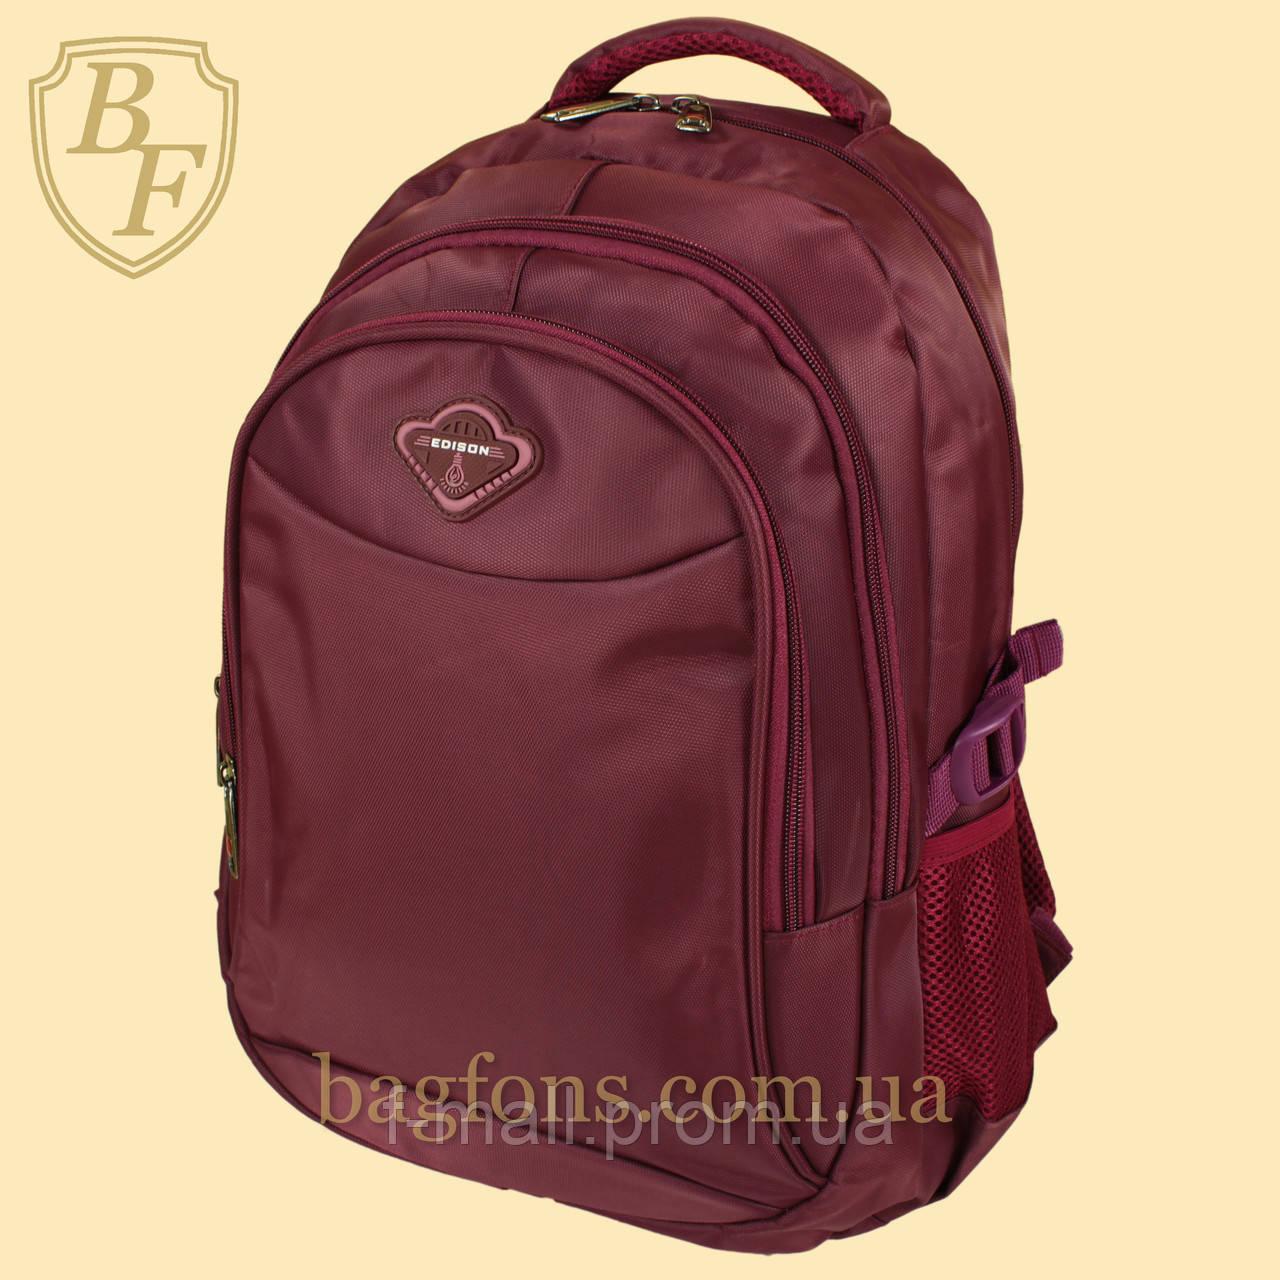 Школьный рюкзак  Edison x550 красный - ВИДЕООБЗОР -